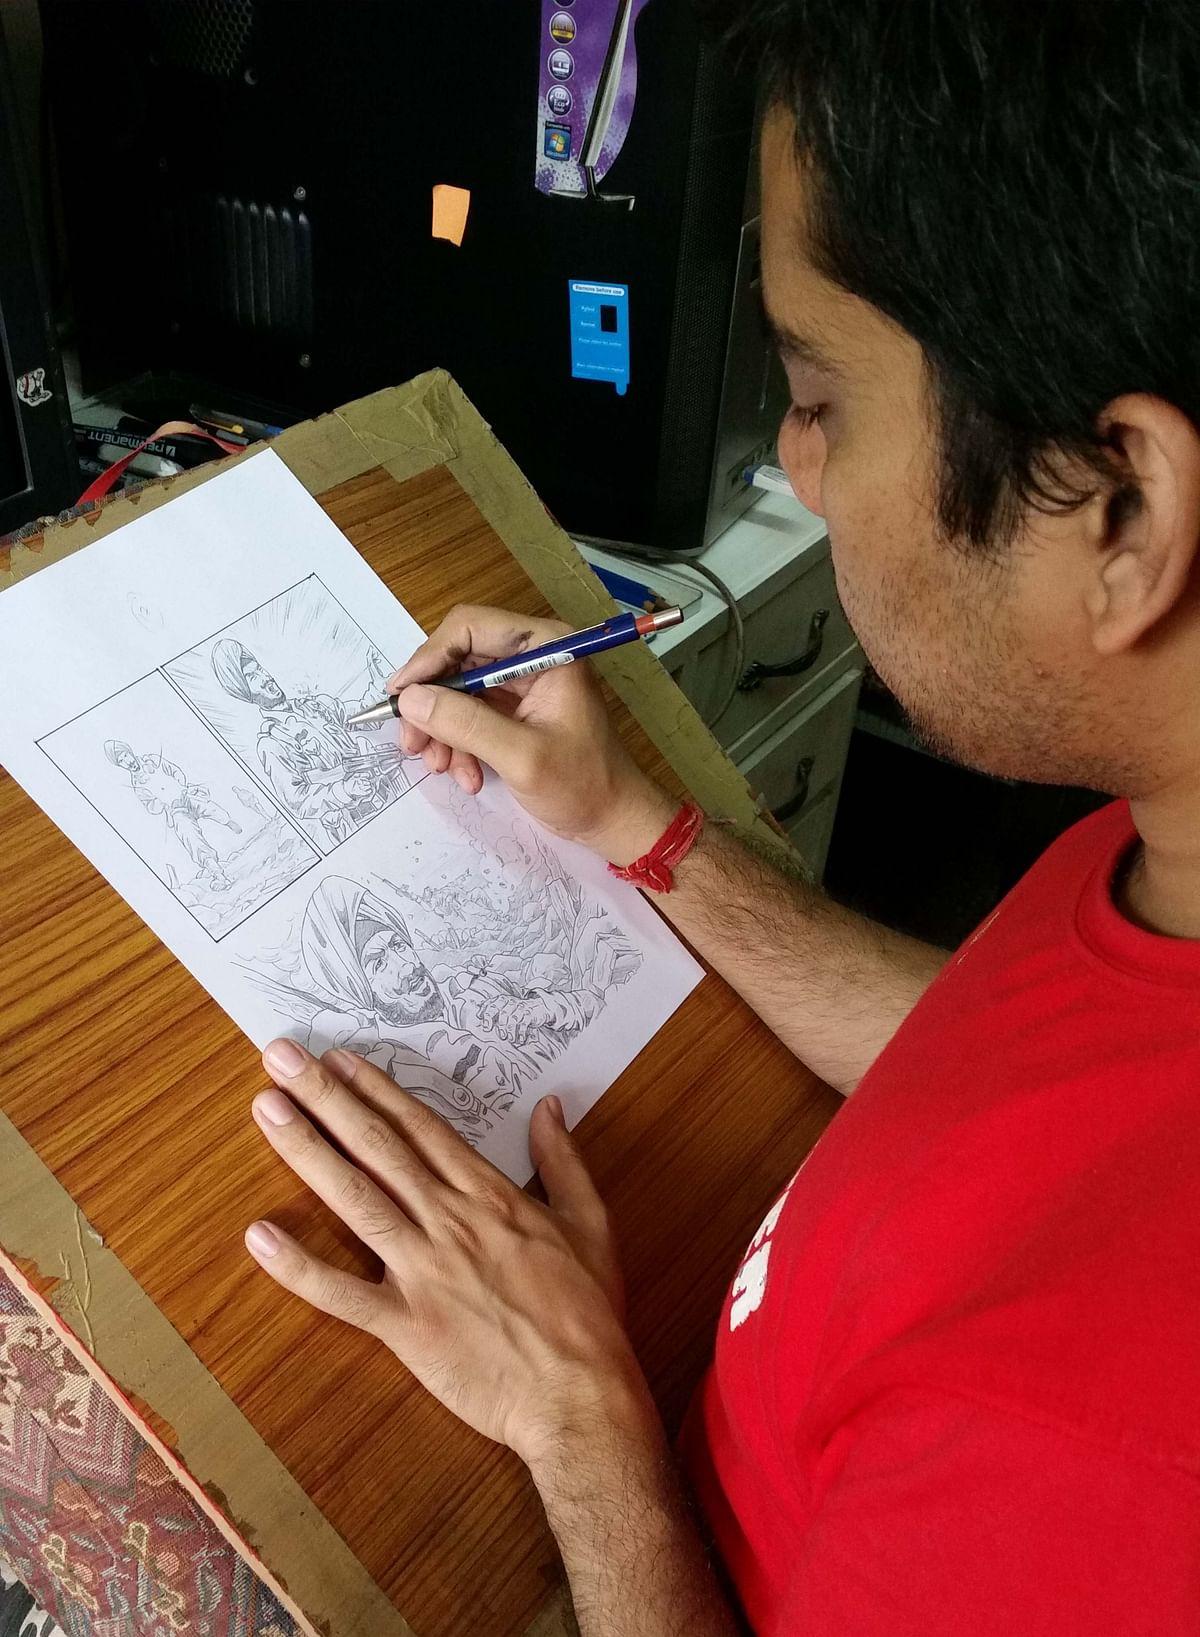 Rishi Kumar, working on his next comic on war hero Subedar Ajit Singh.